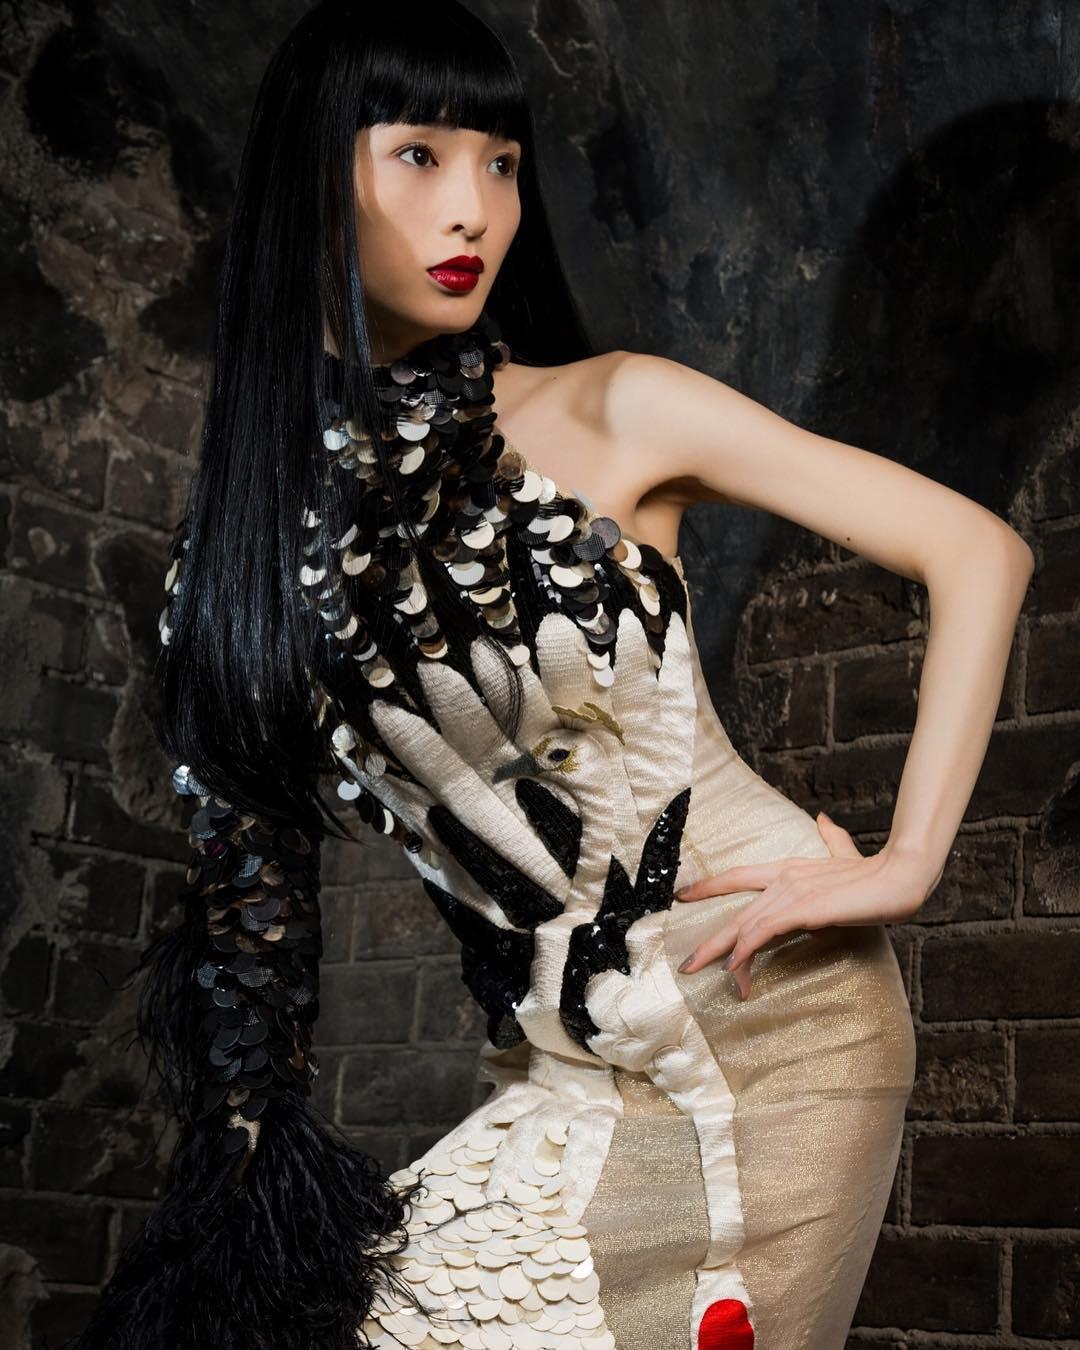 Kayo Sato Most Beautiful Japanese Trans Model Tg Beauty